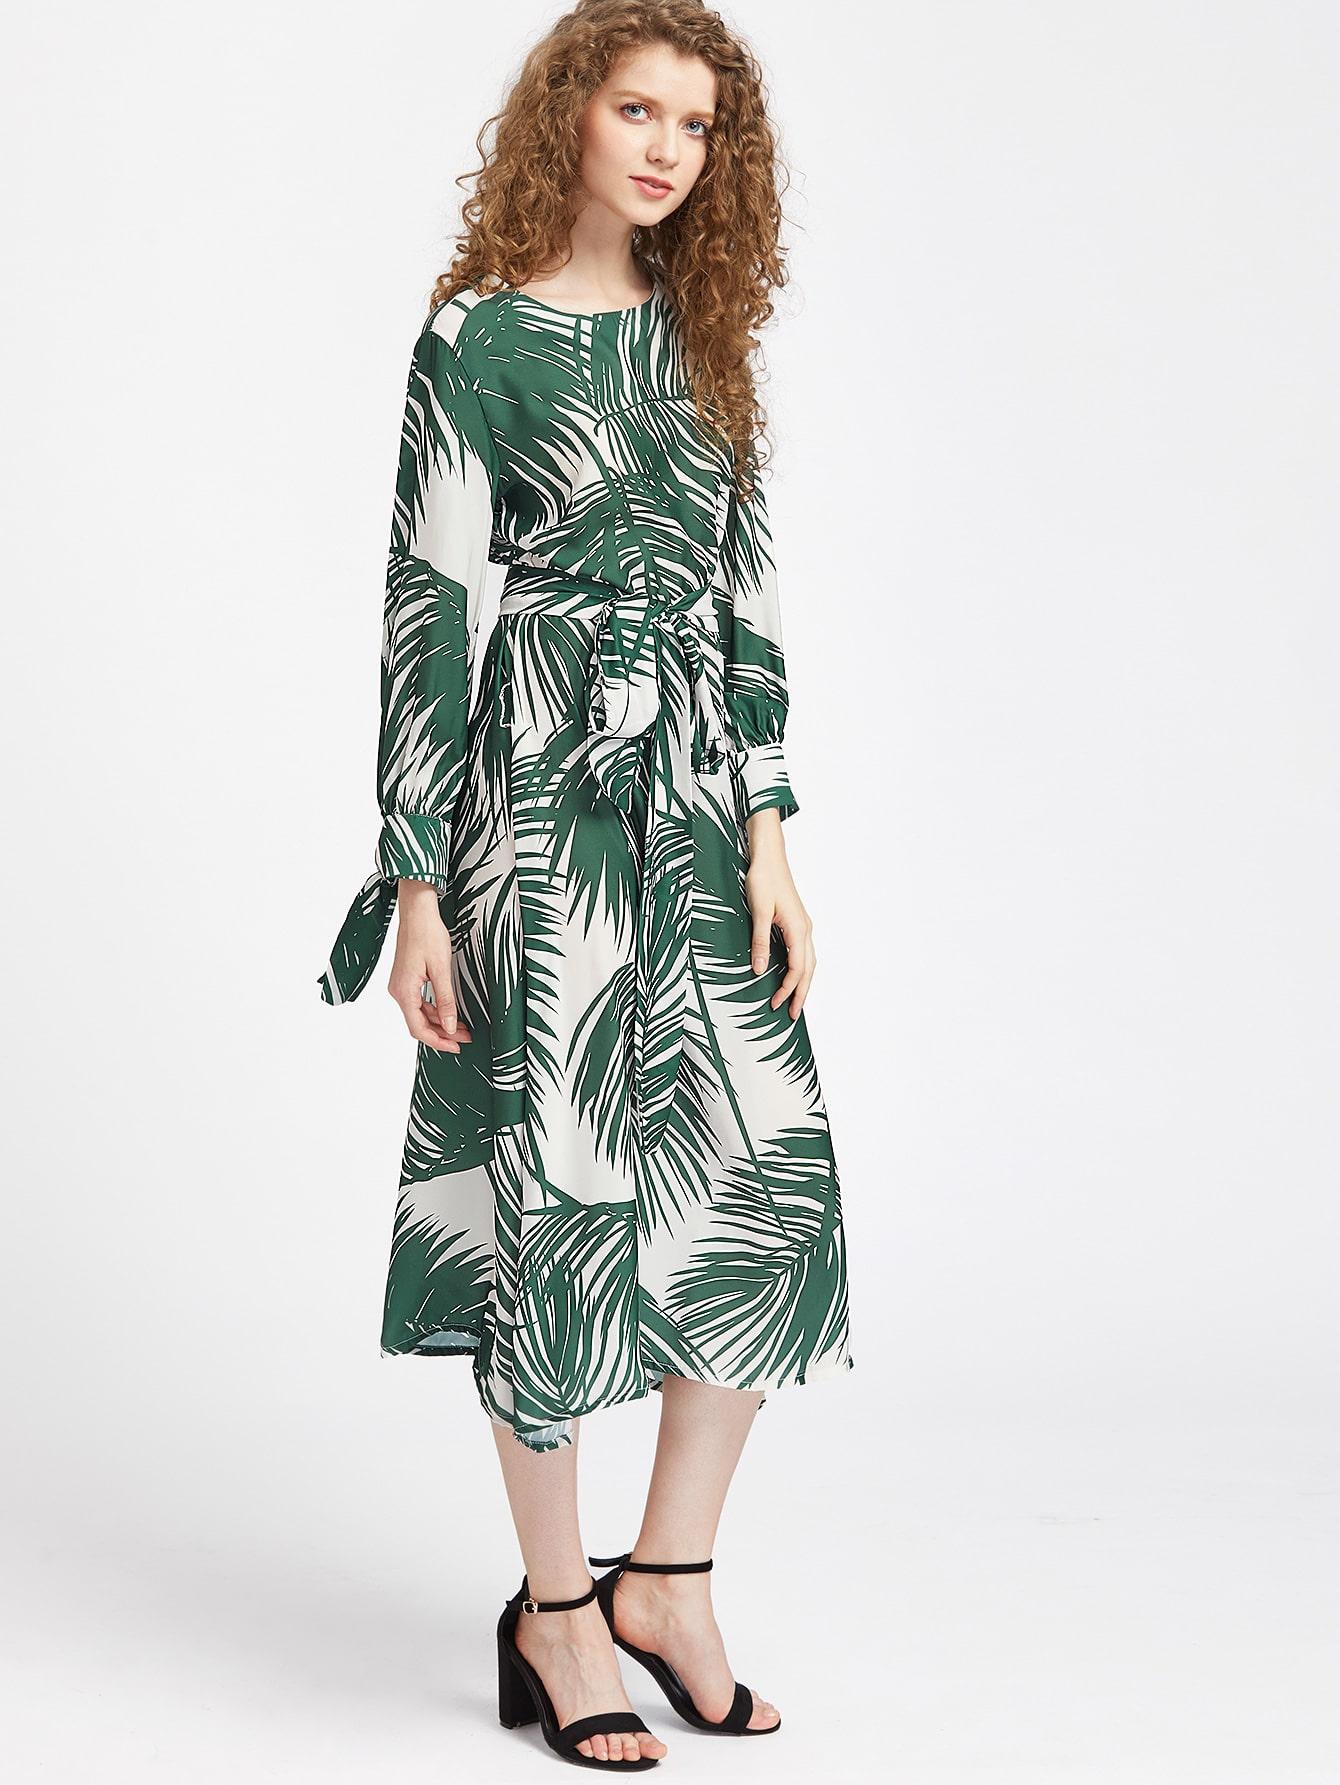 dress170410204_2